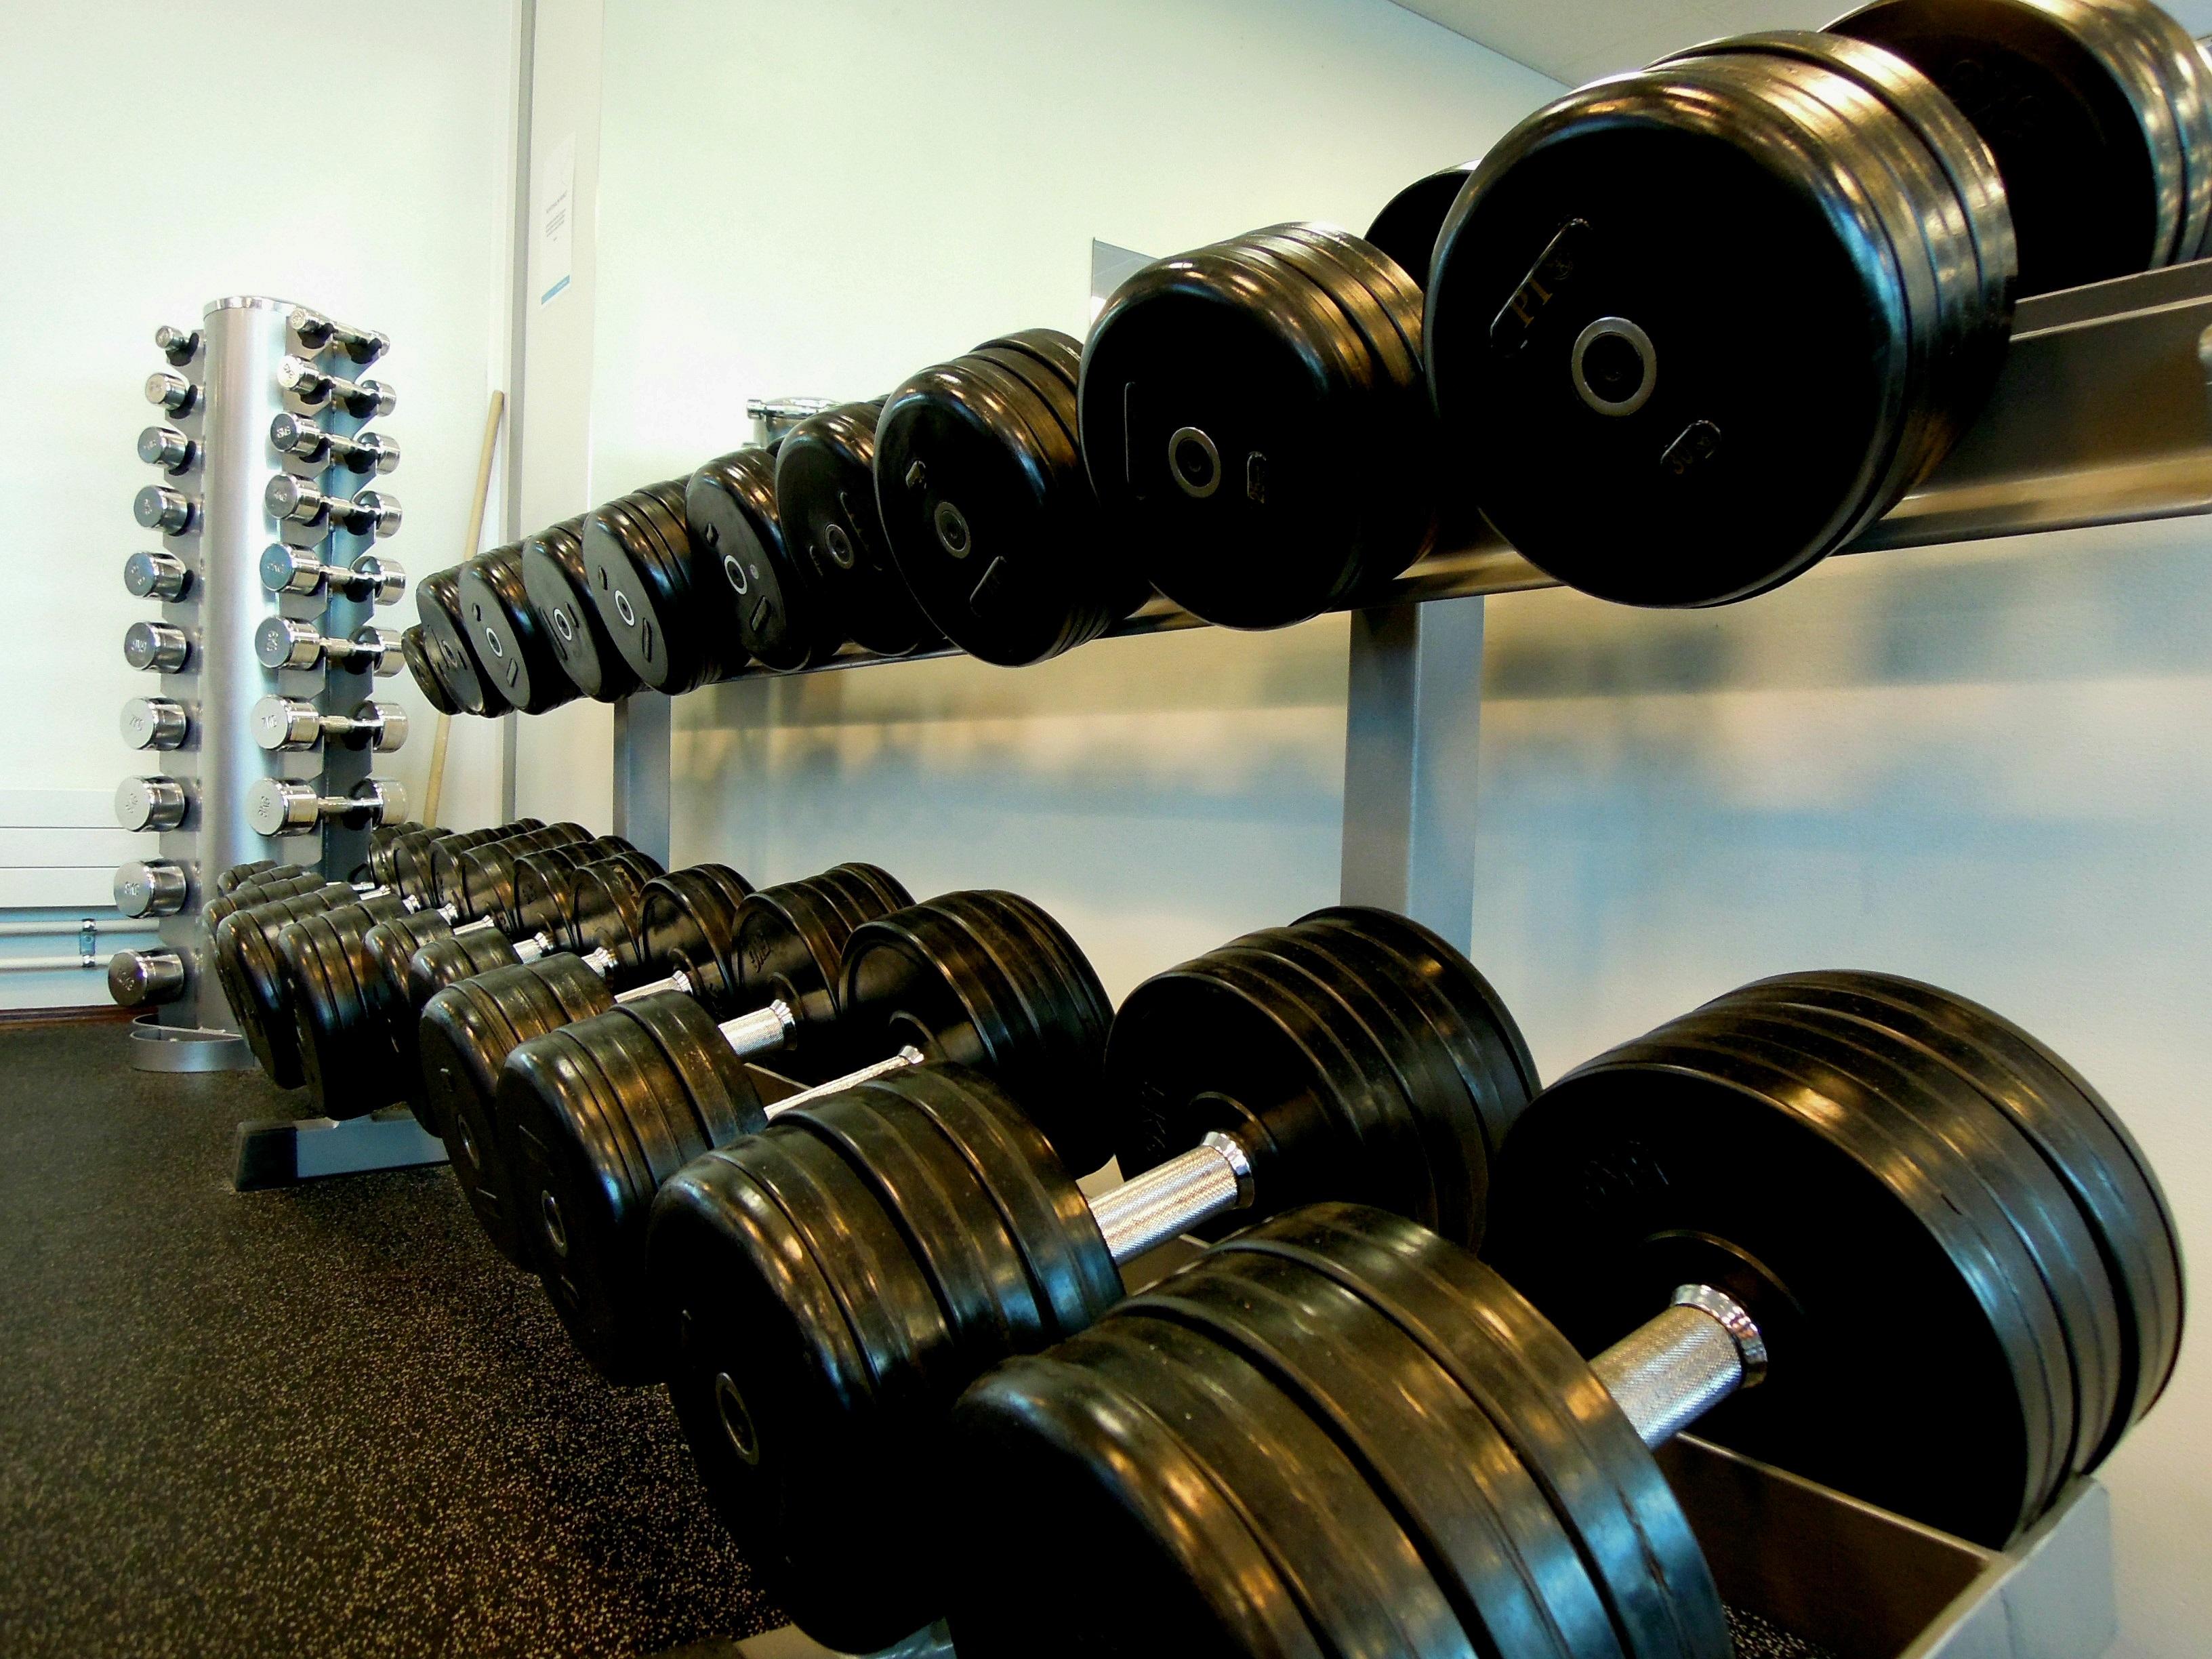 Nykomna Bakgrundsbilder : strukturera, hjul, rum, trötta, sporter, vikter OX-63